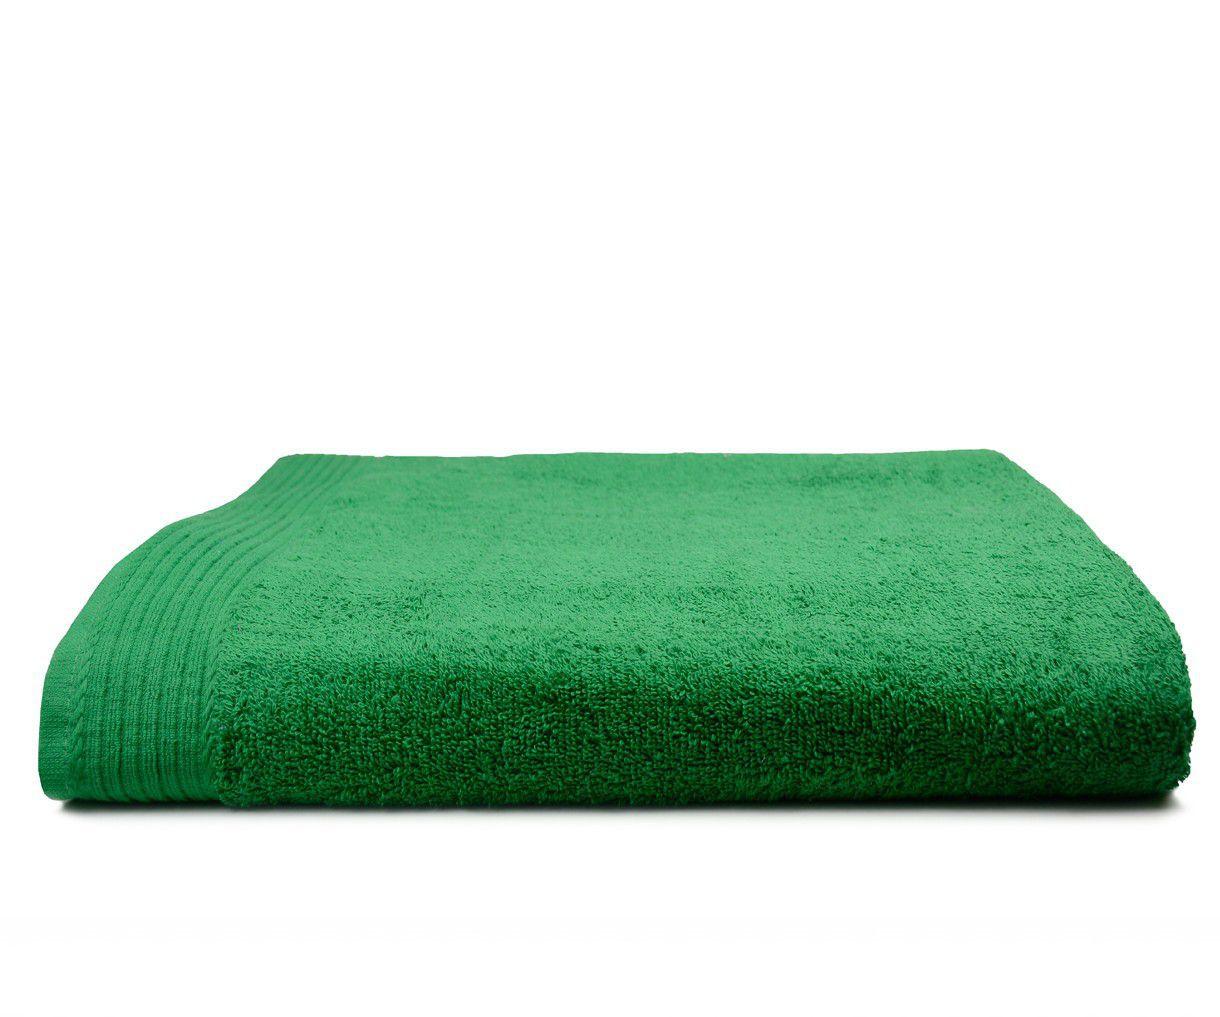 The One Badlaken 450 gram 100x180 cm Groen